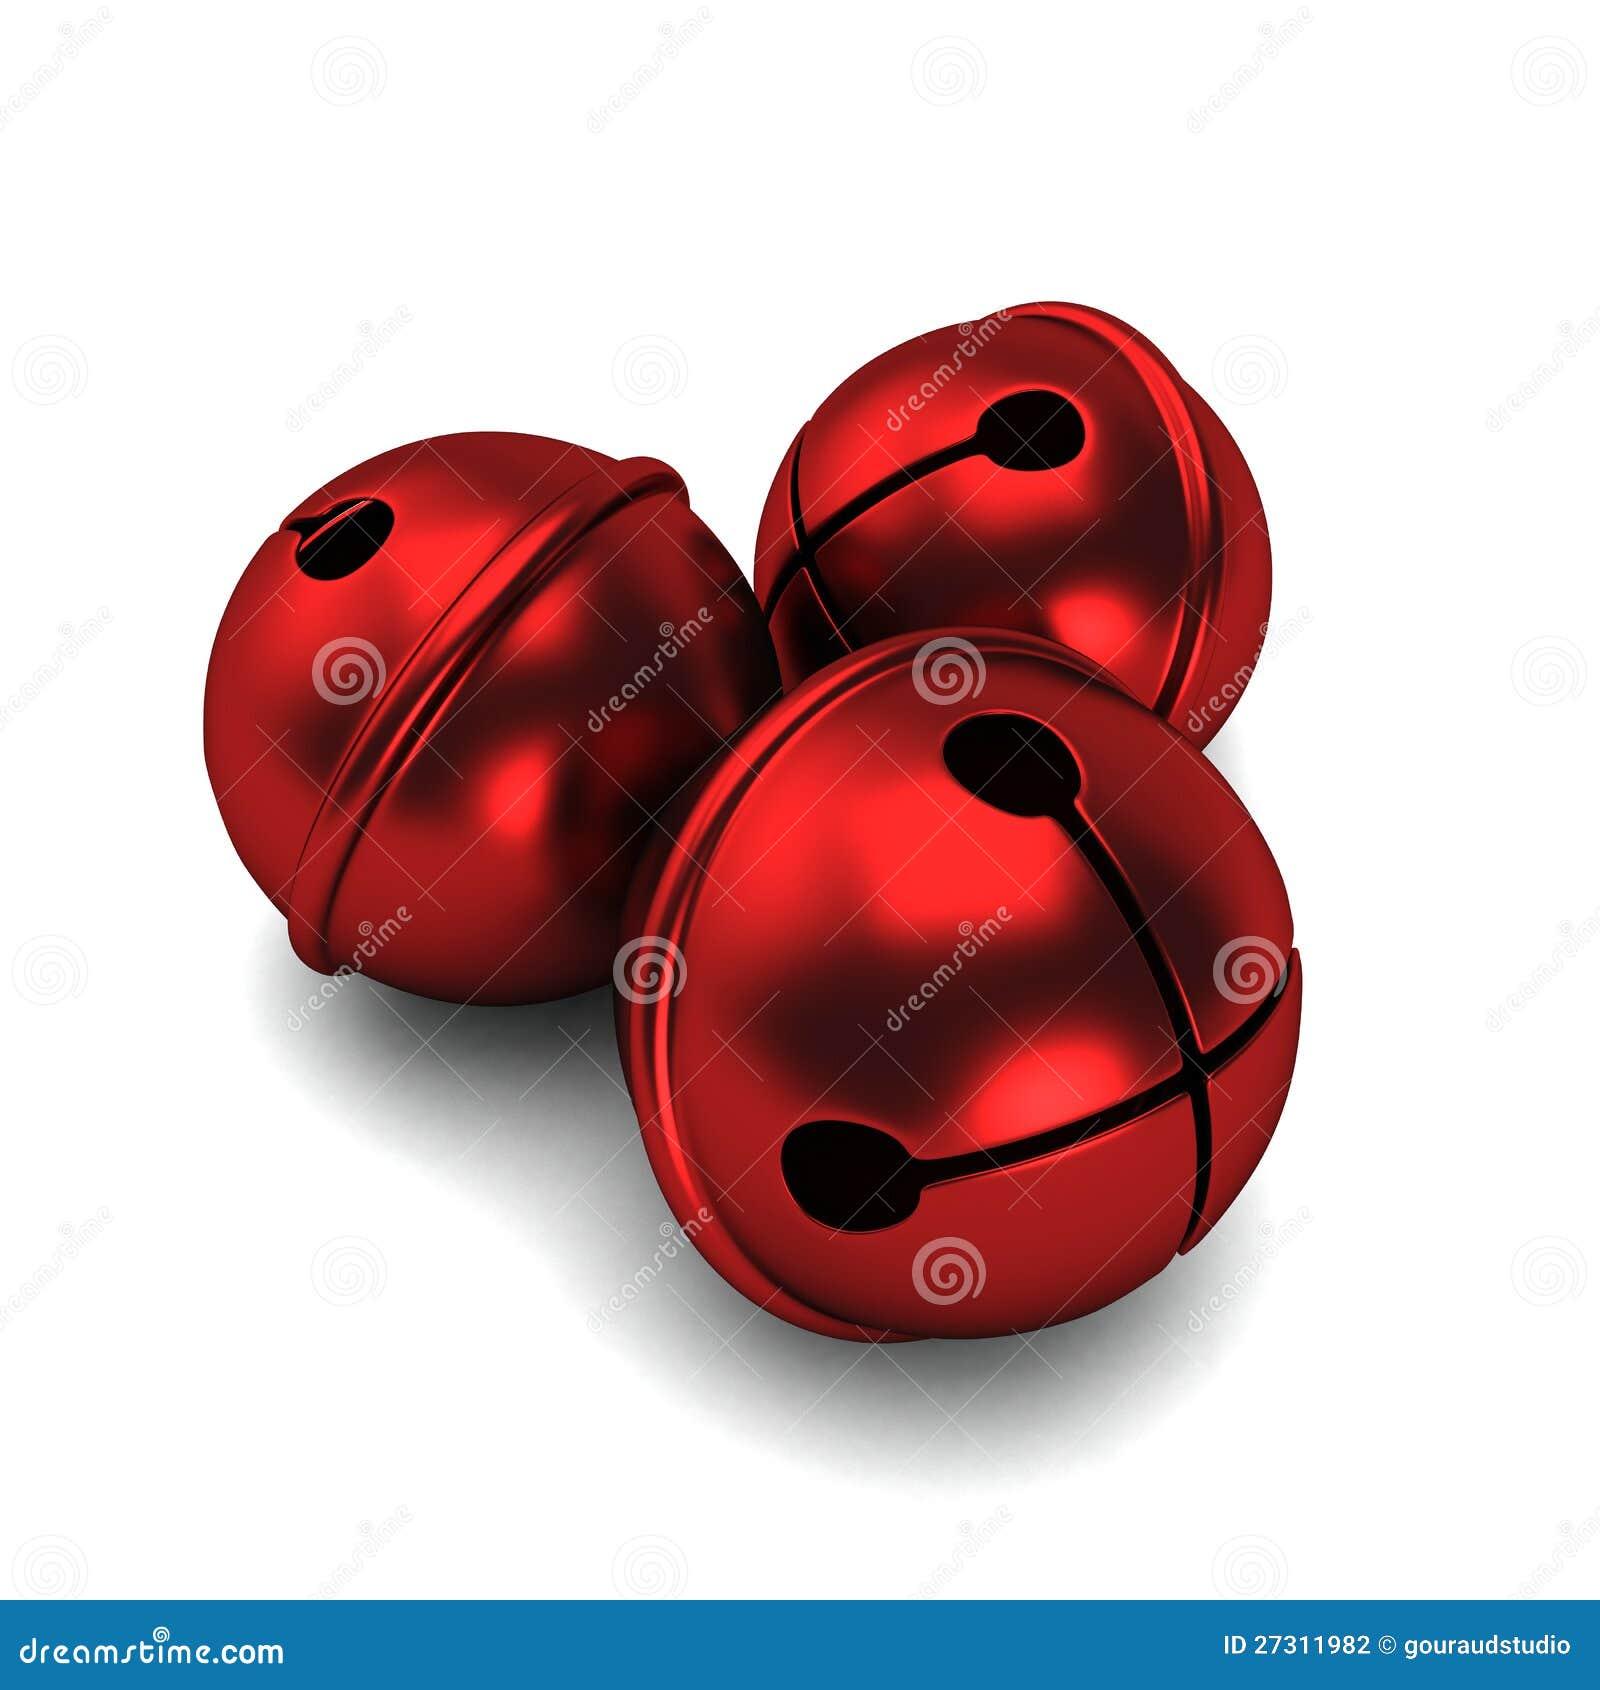 Sleigh Bells Clip Art Sleigh bells